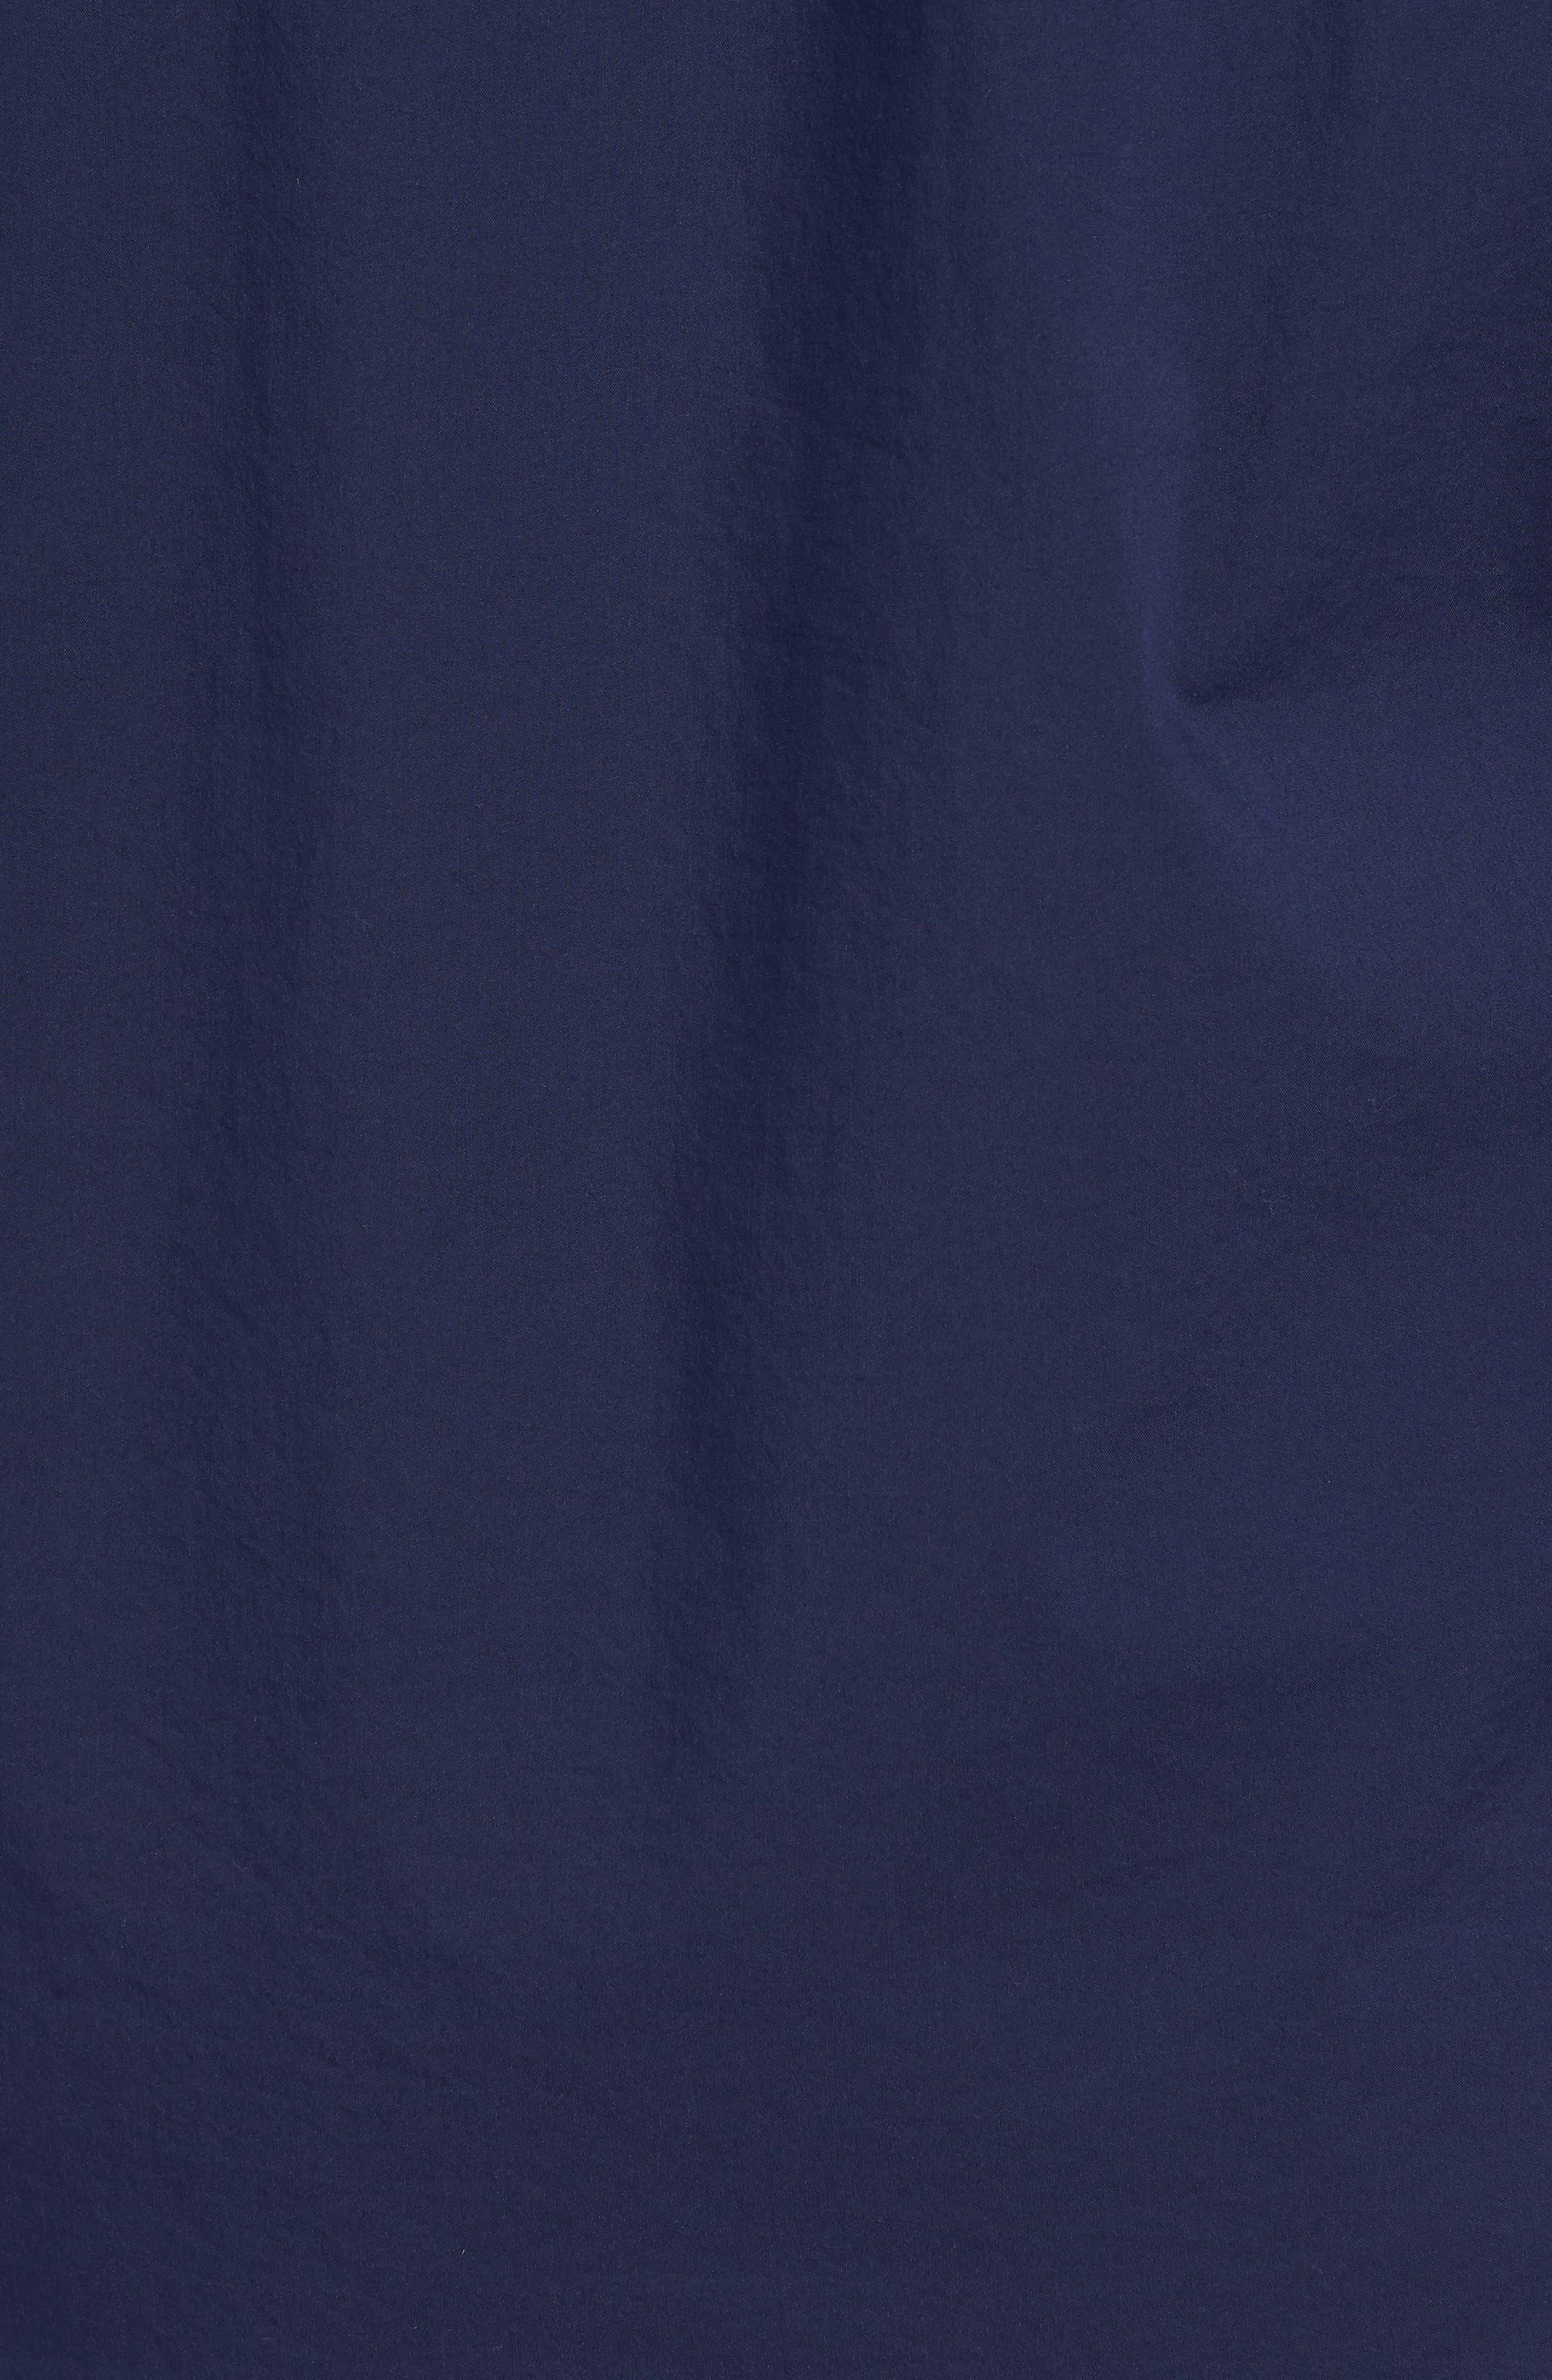 Unbutton Down 2.0 Slim Fit Sport Shirt,                             Alternate thumbnail 20, color,